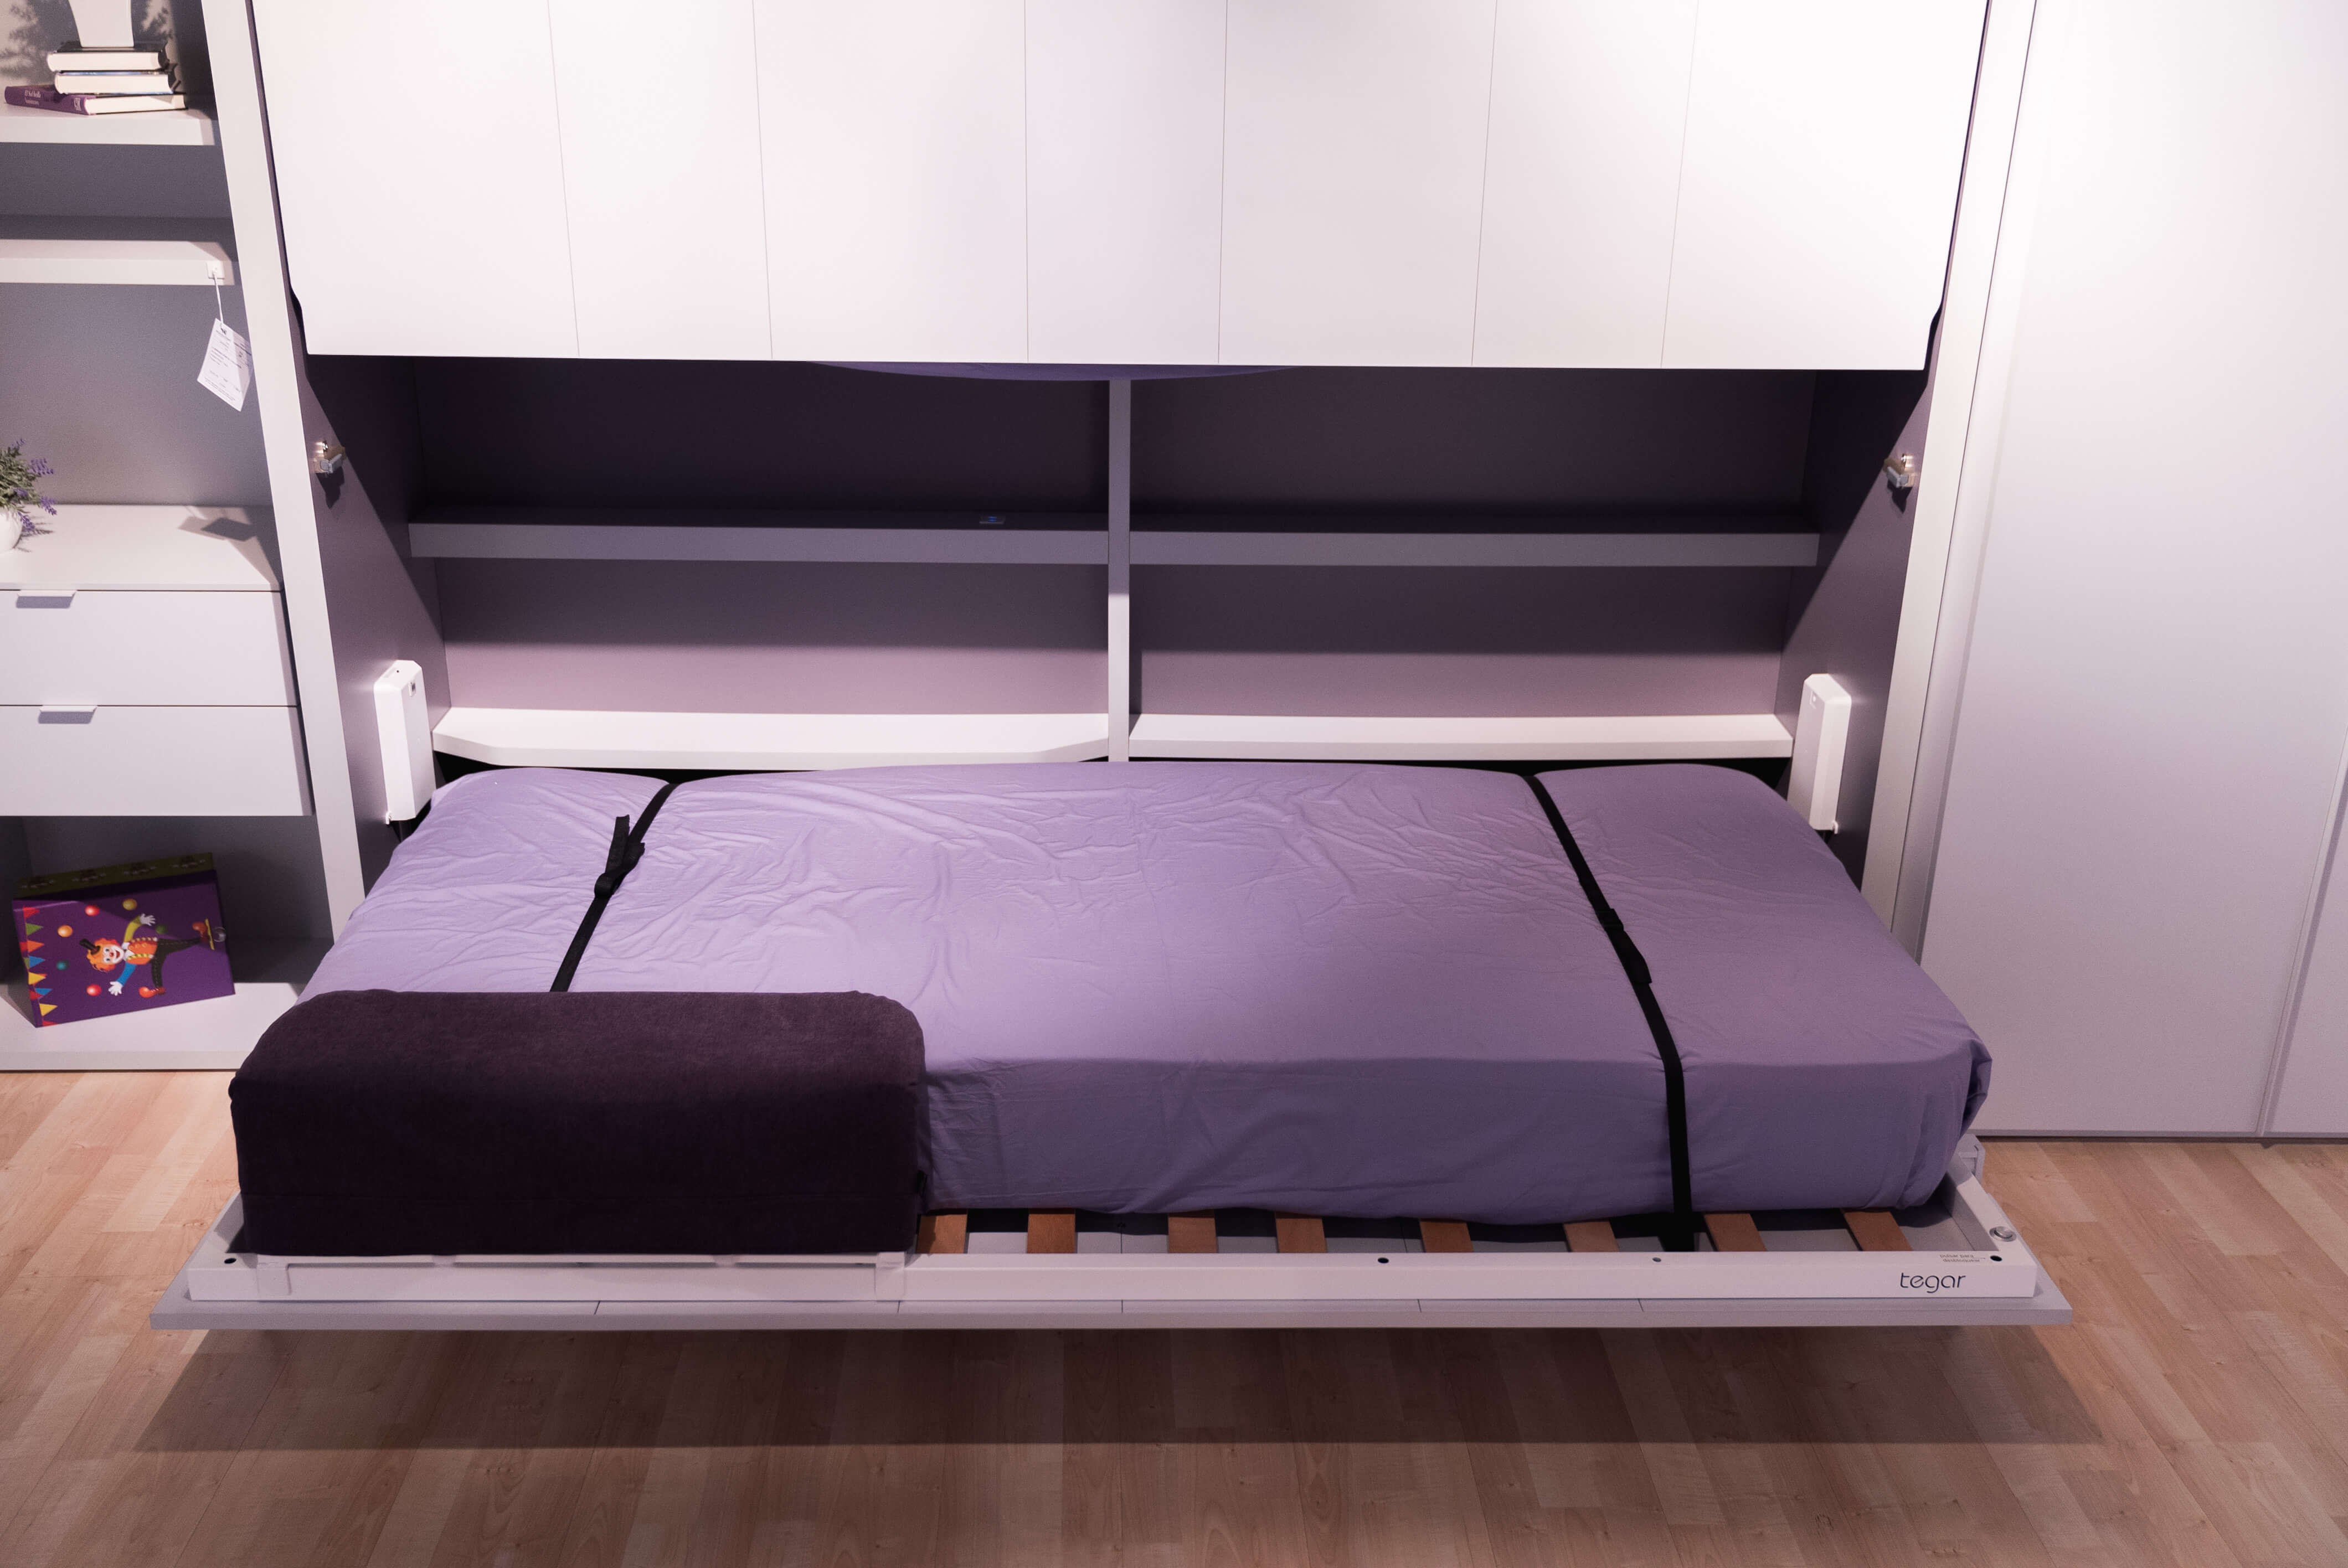 Muebles infantiles o juveniles mobles g ell for Muebles juveniles palma de mallorca